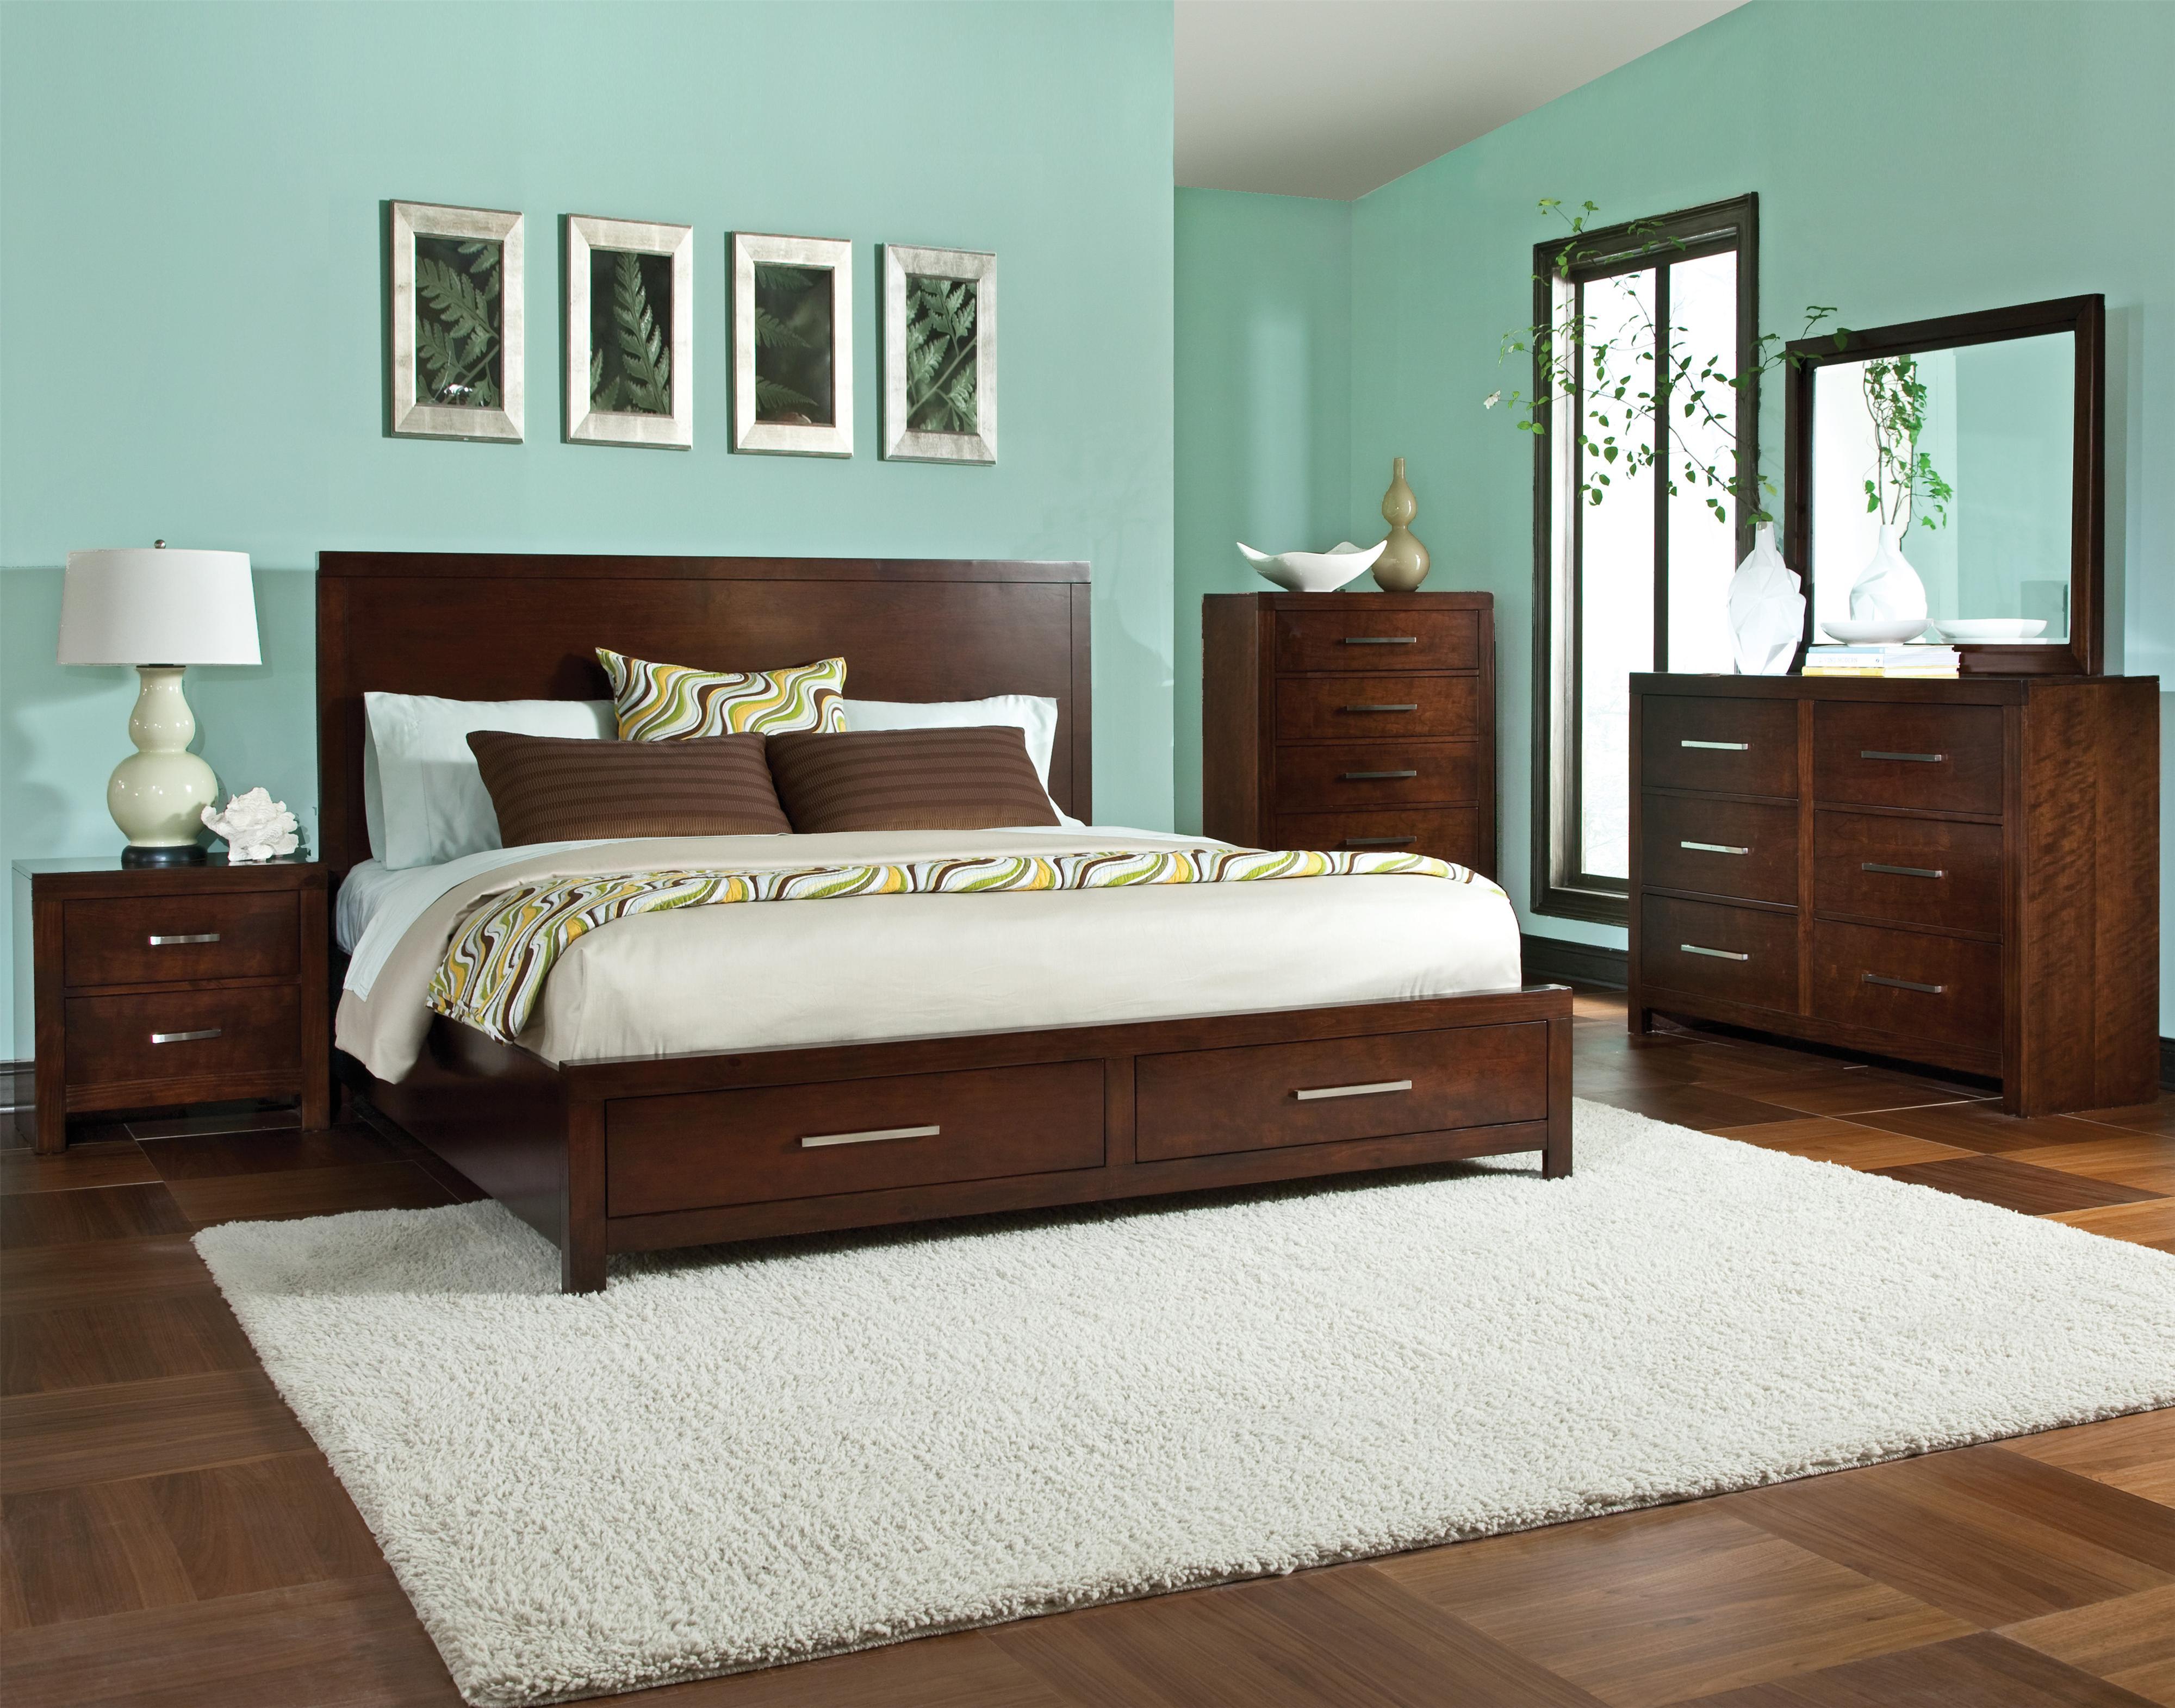 Standard Furniture Metro Queen Bedroom Group - Item Number: 87950 F Q Bedroom Group 1